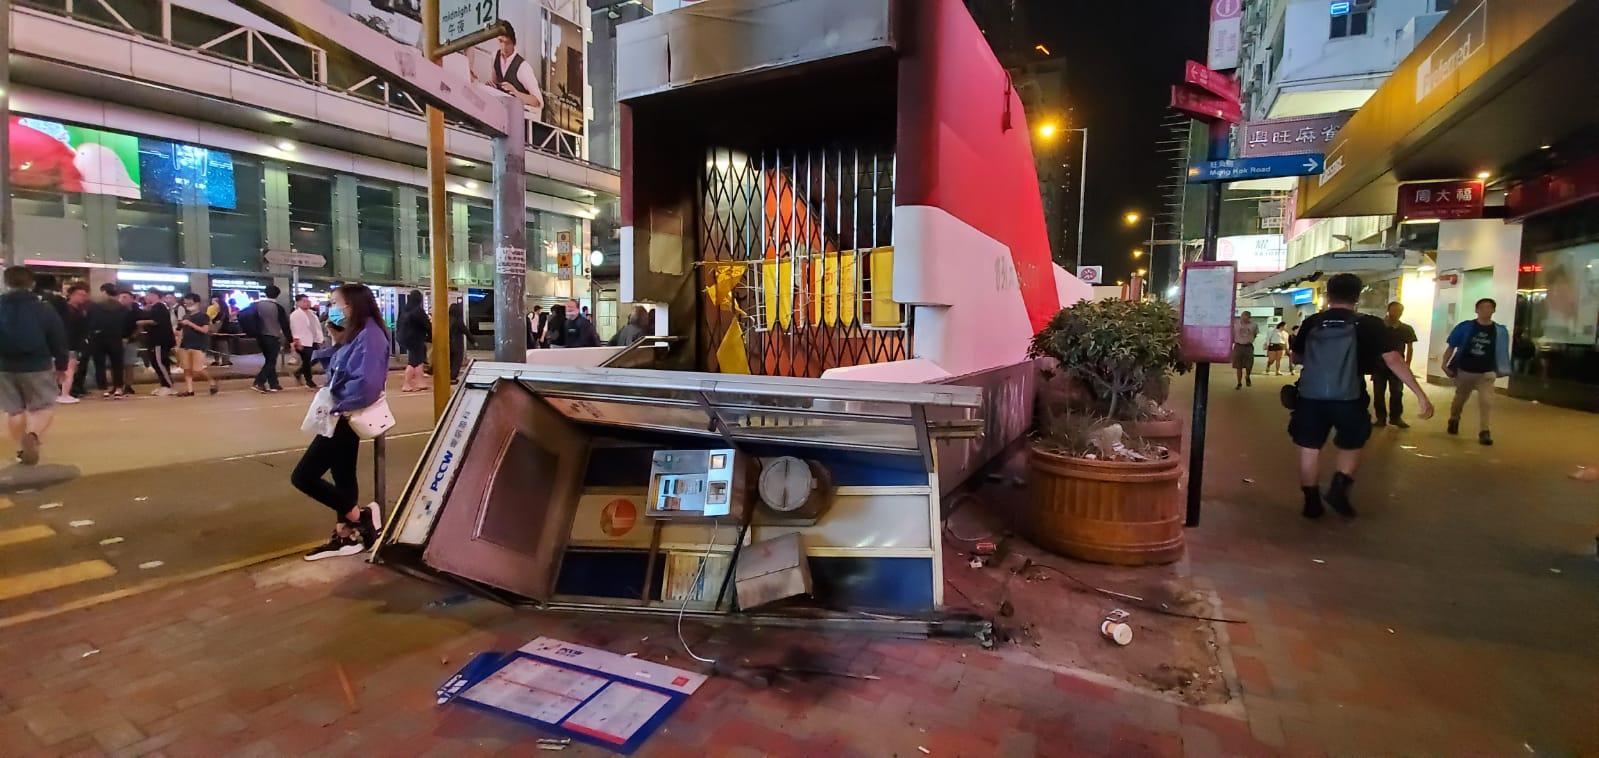 有電話亭亦被人拆毀